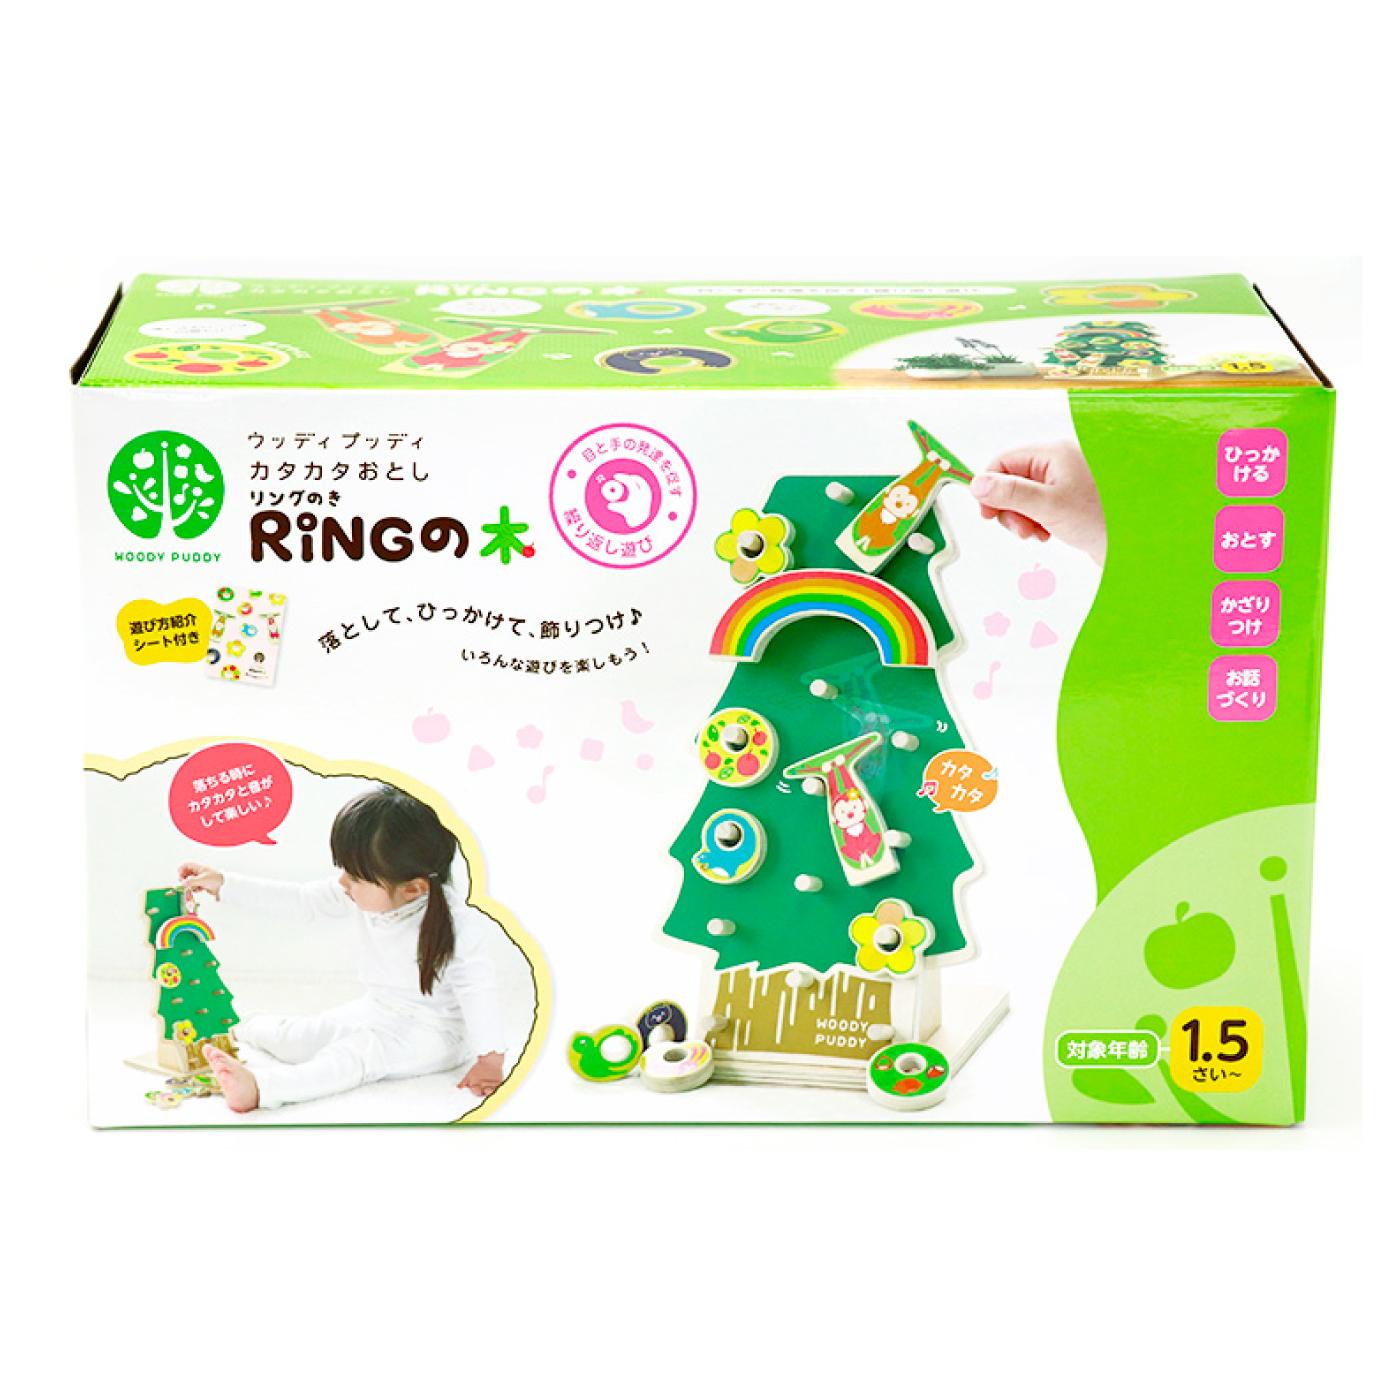 フェリシモ ウッディプッディ 木のおもちゃ カタカタおとし RINGの木